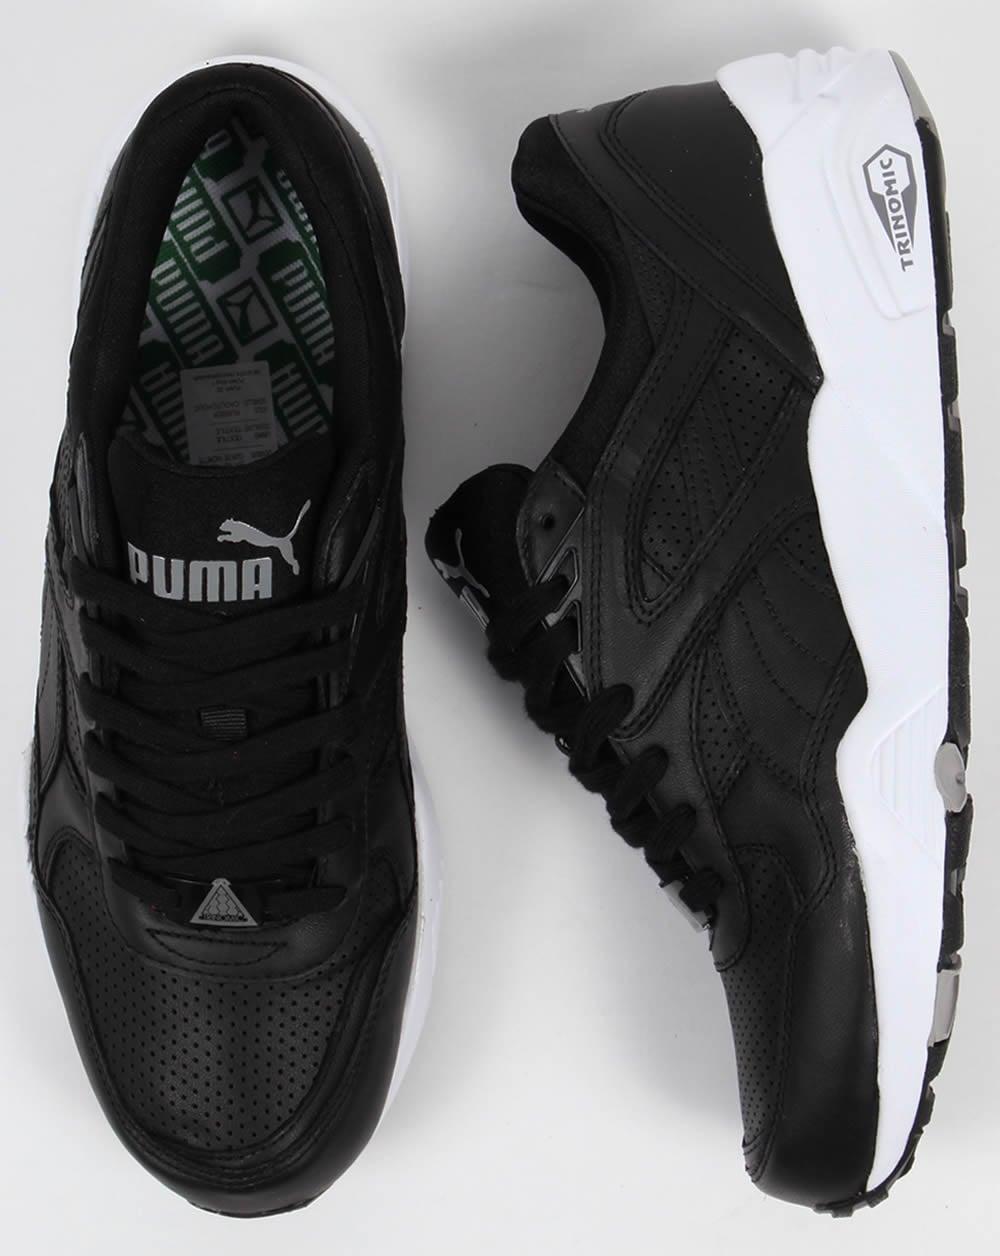 puma r698 core leather